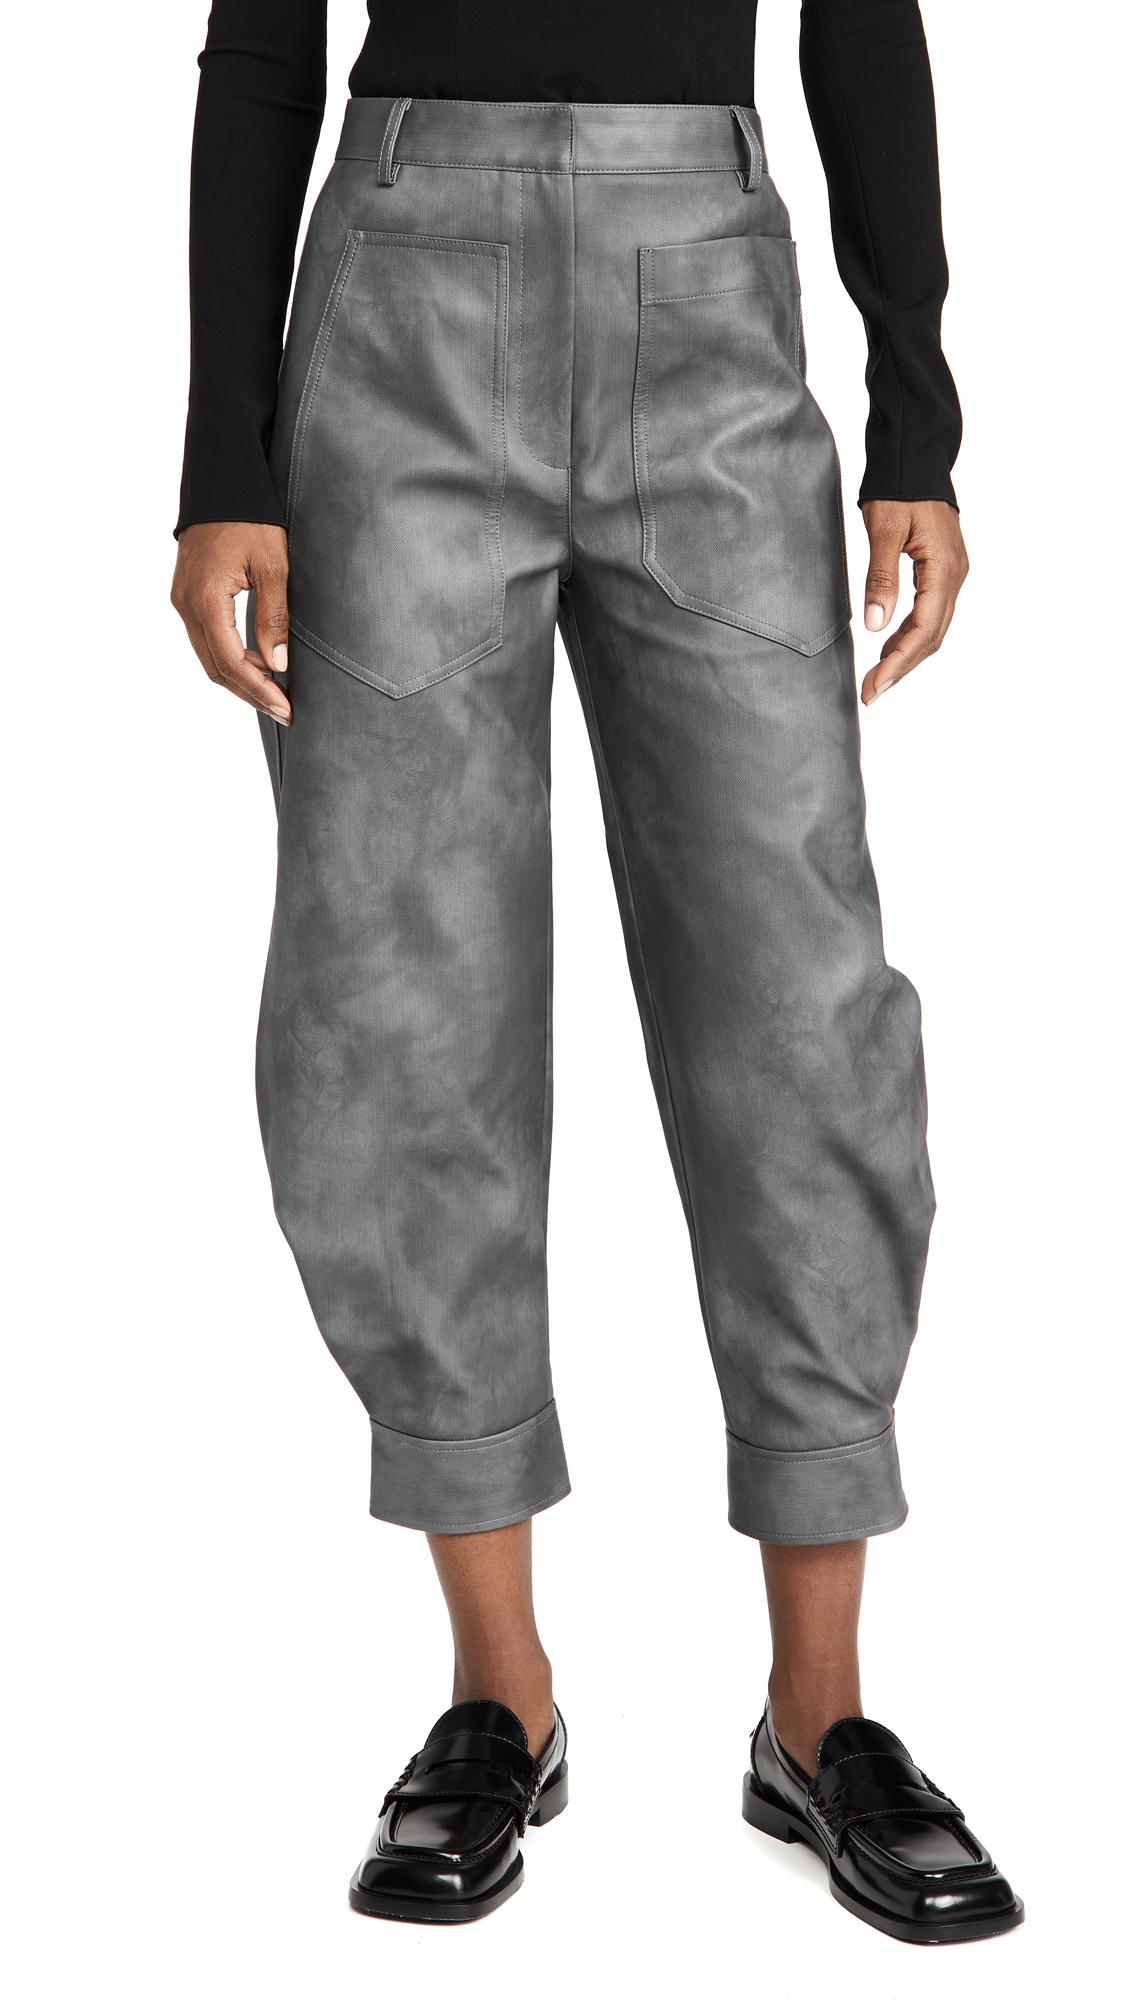 Tibi Rubberized Tie Dye Sculpted Pants